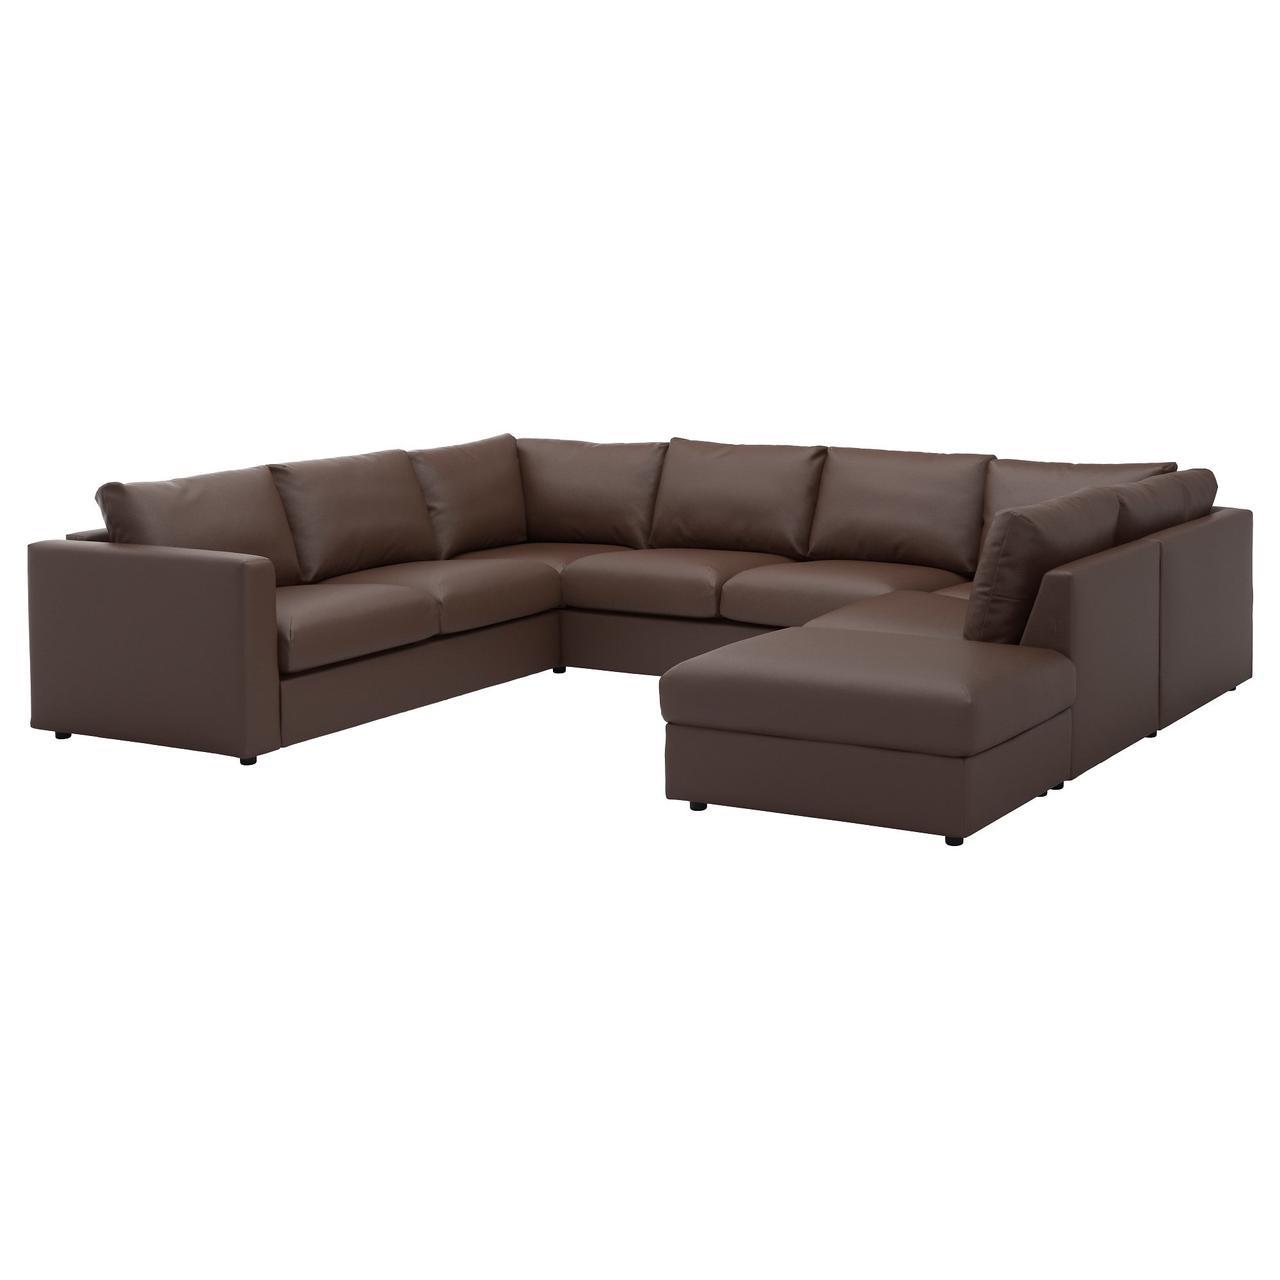 ВИМЛЕ 6-местный п-образный диван, с открытым торцом, Фарста черный